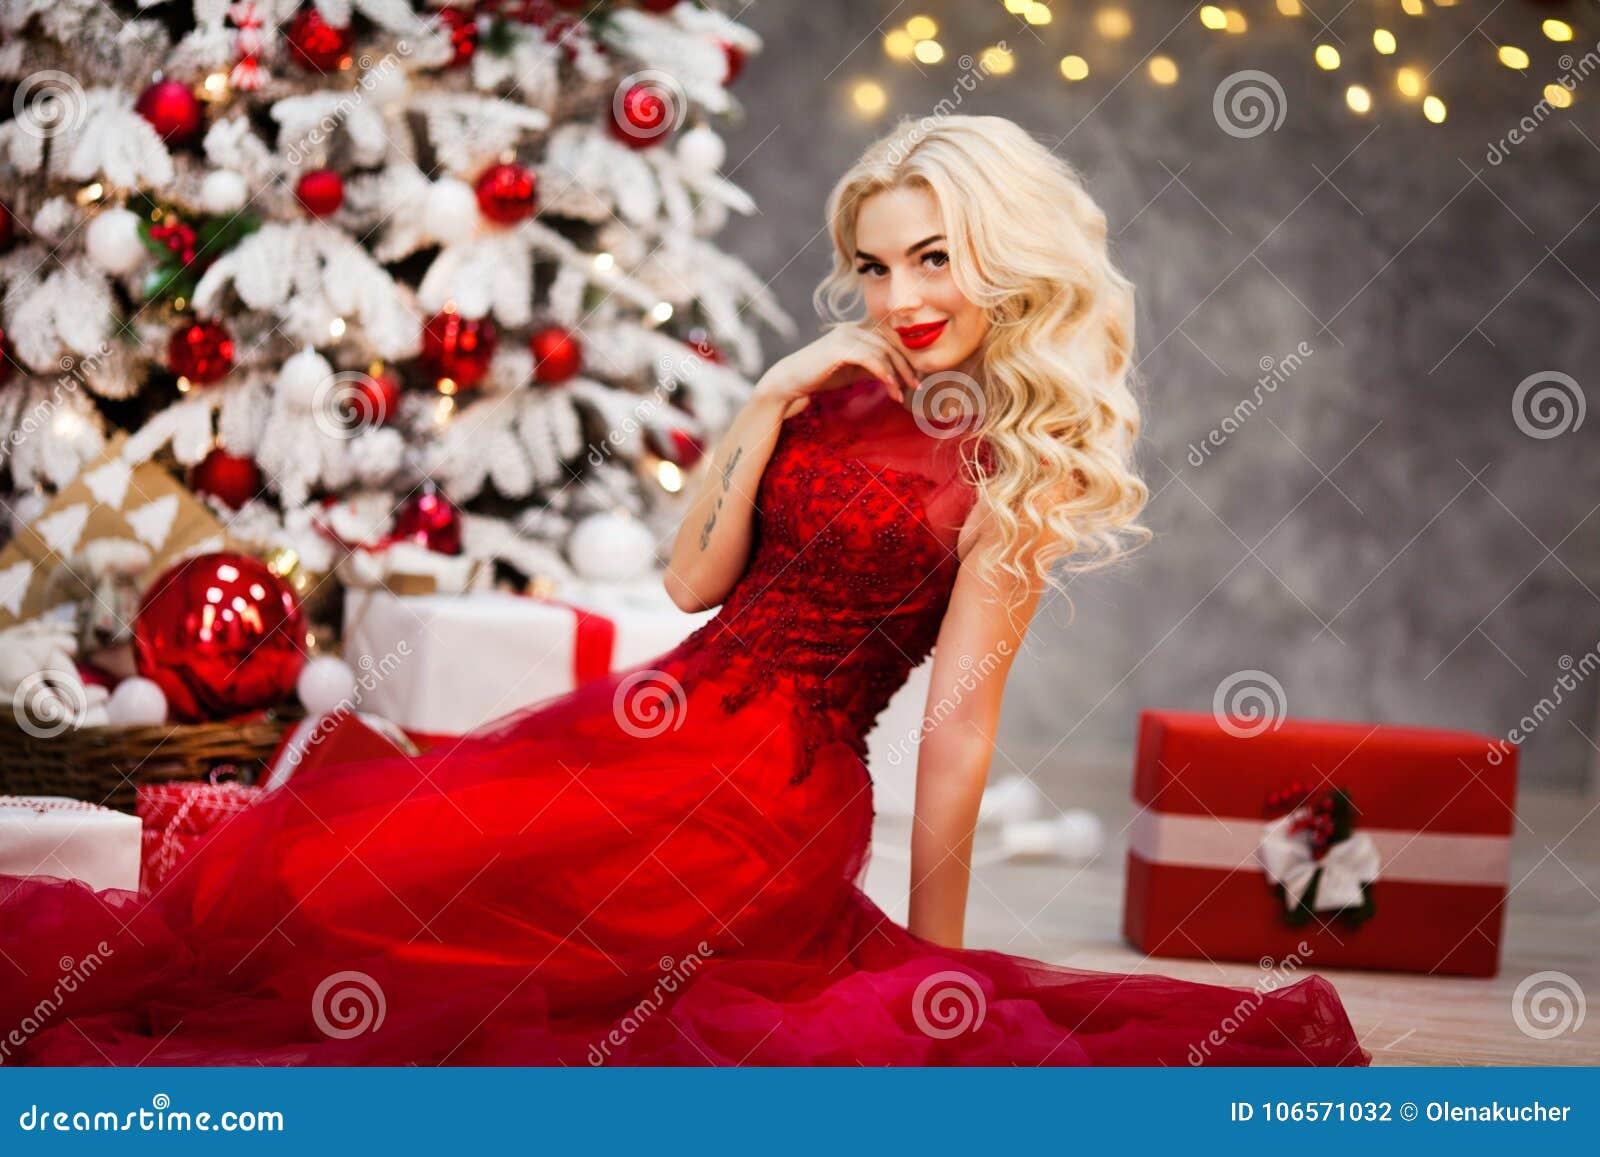 schönes mädchen im roten kleid, trifft weihnachten am baum